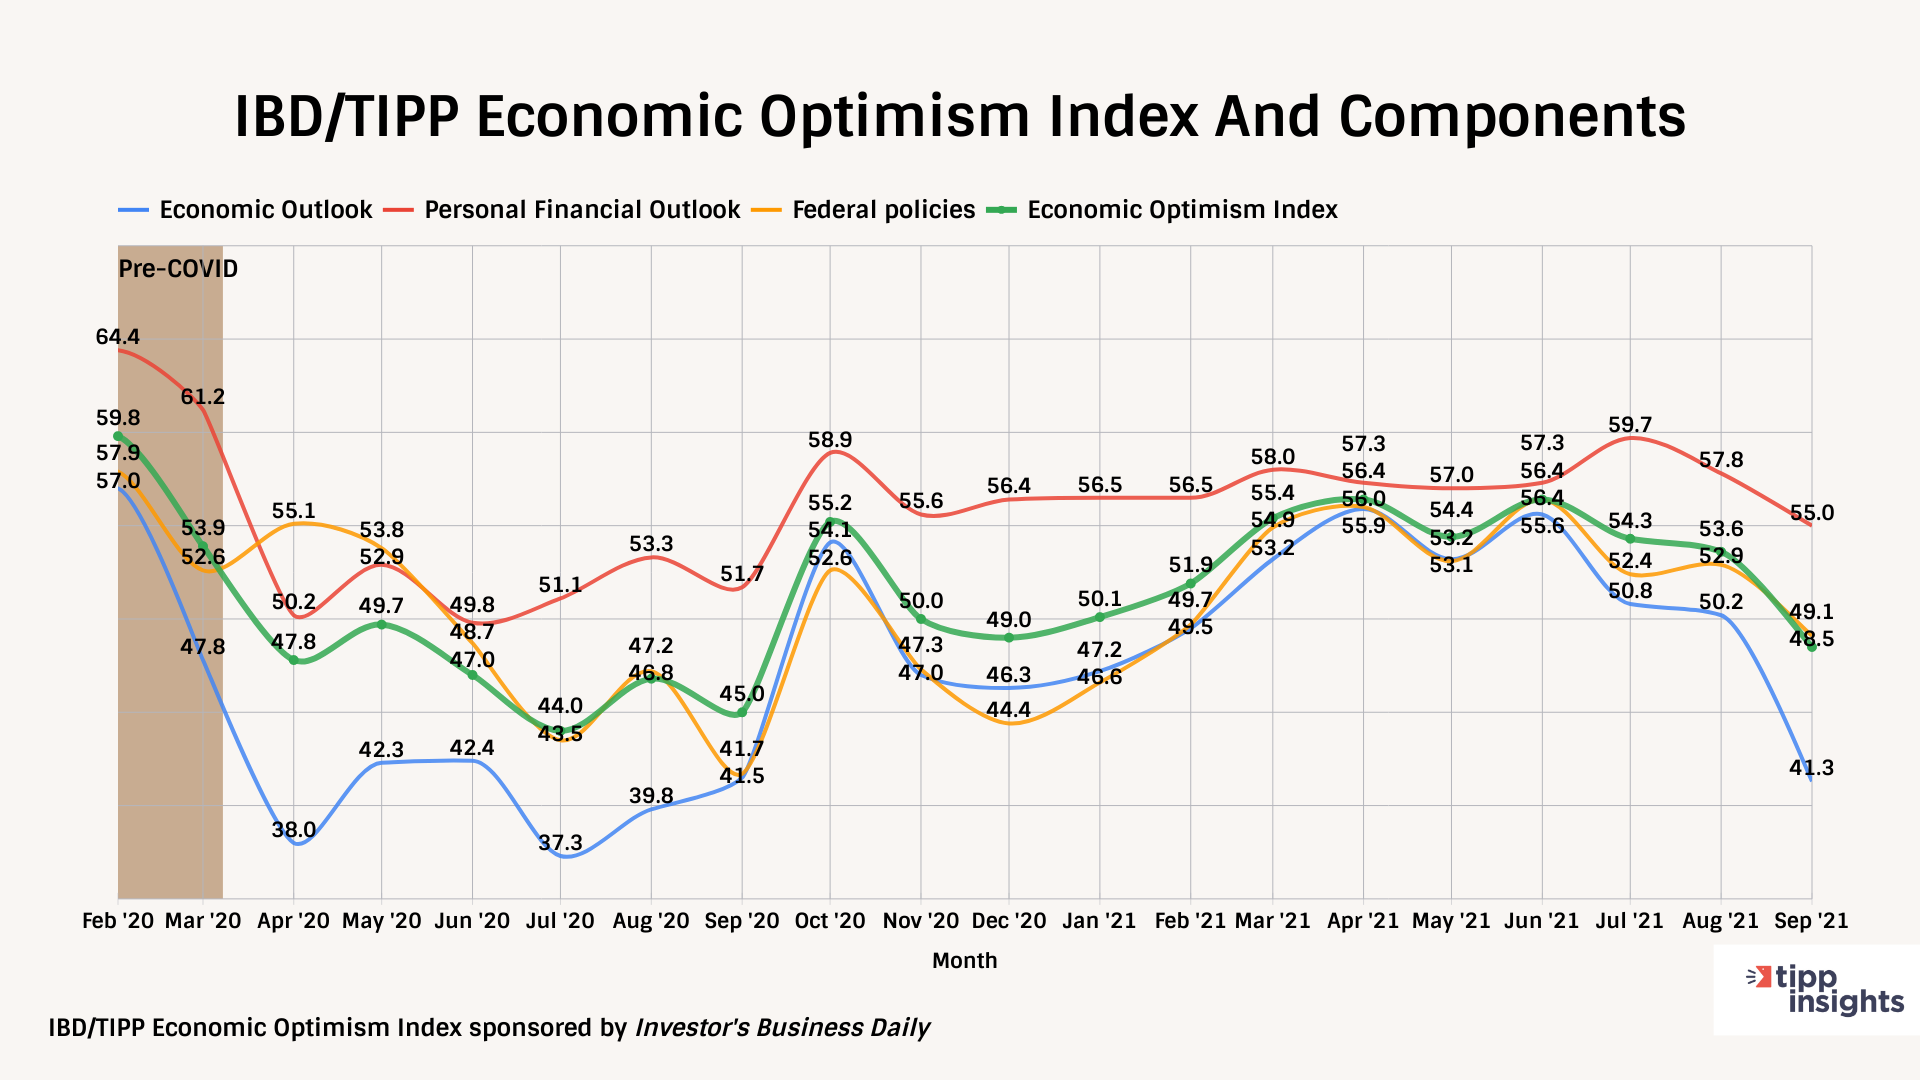 IBD/TIPP Economic optimism index